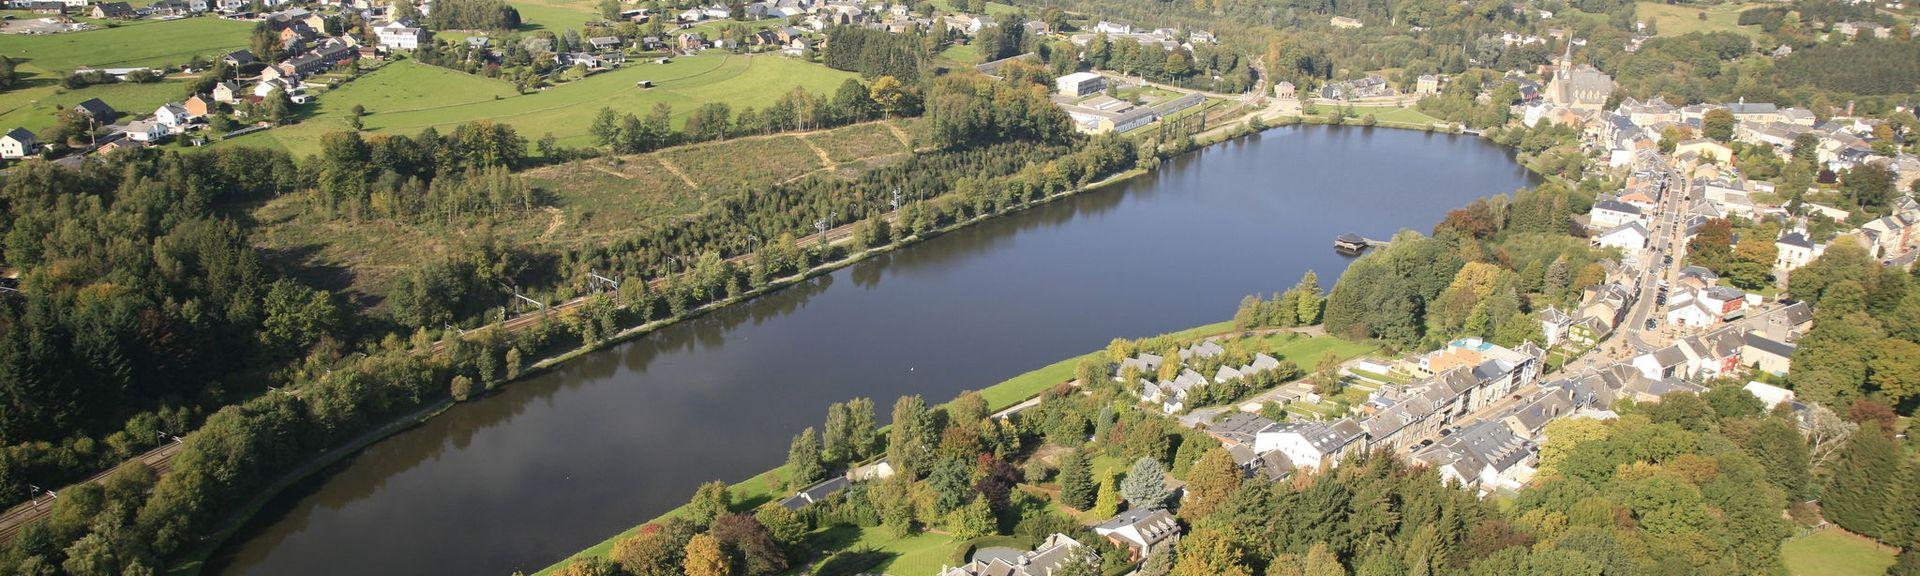 Stavelot, Région de la Wallonie, Belgique